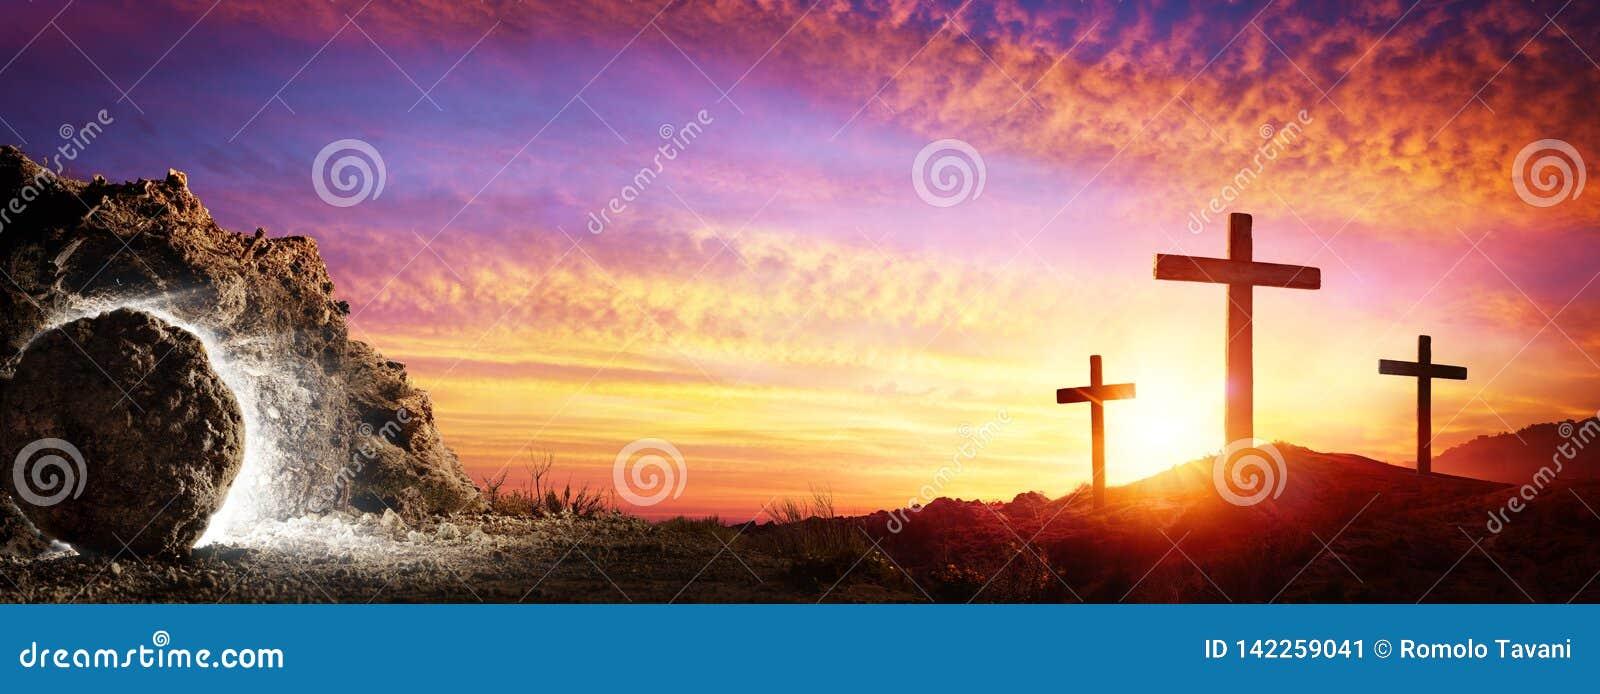 Воскресение - усыпальница пустая с распятием